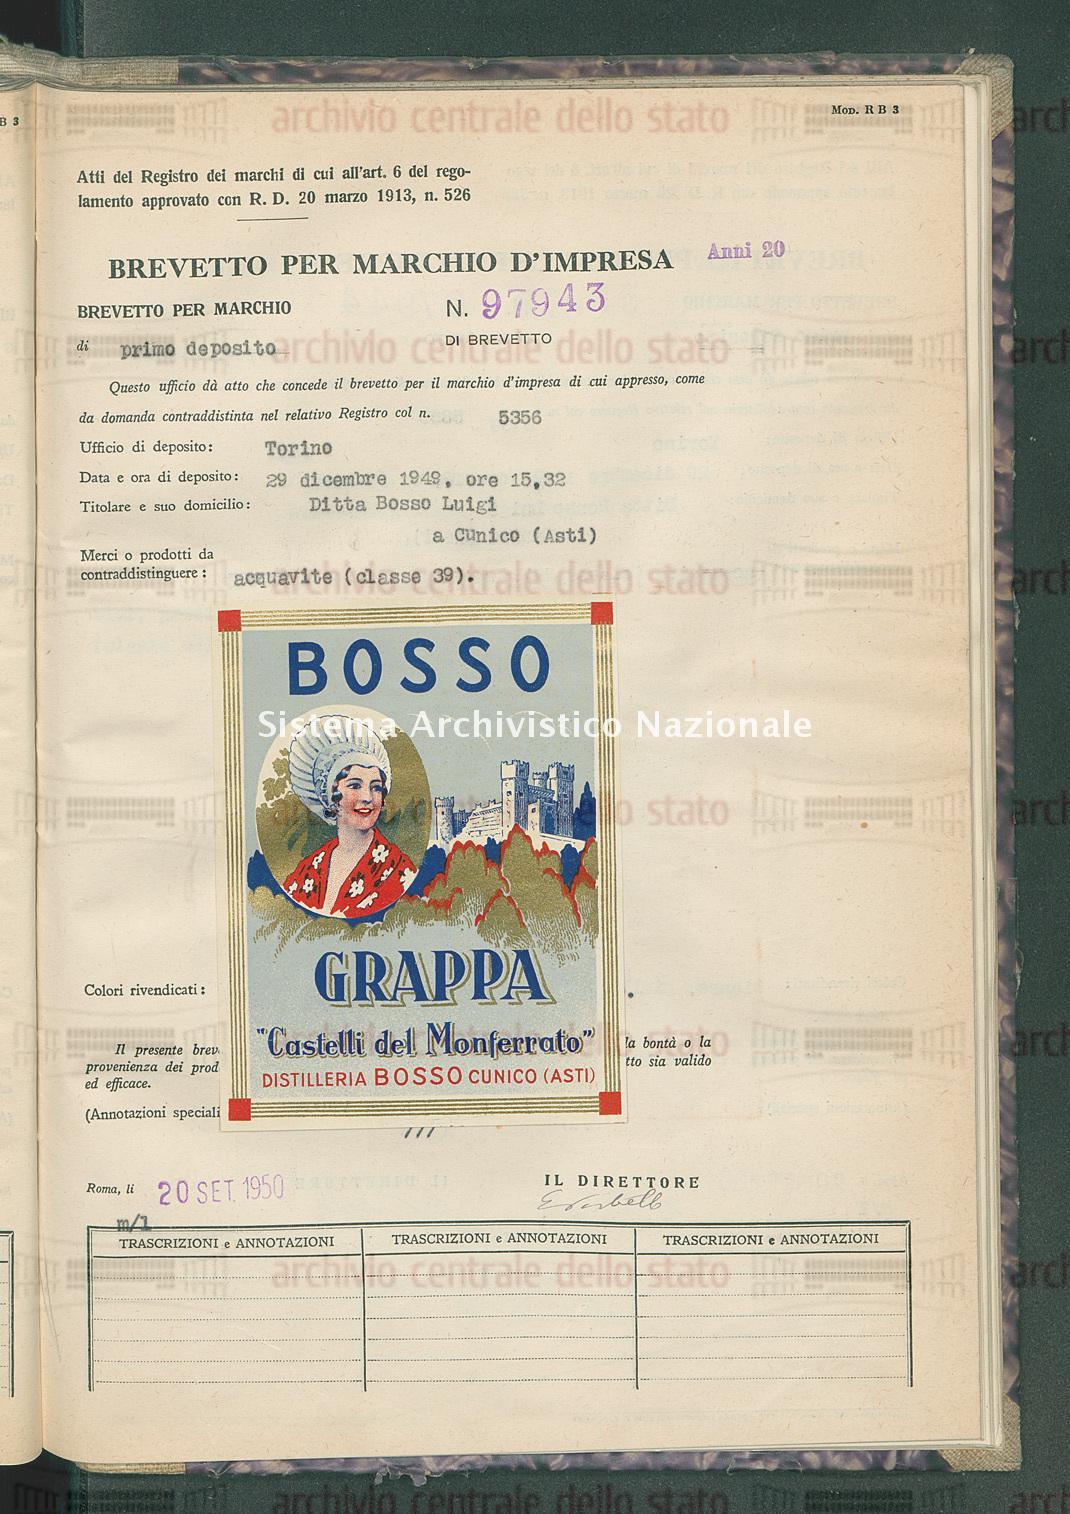 Acquavite Ditta Bosso Luigi (20/09/1950)